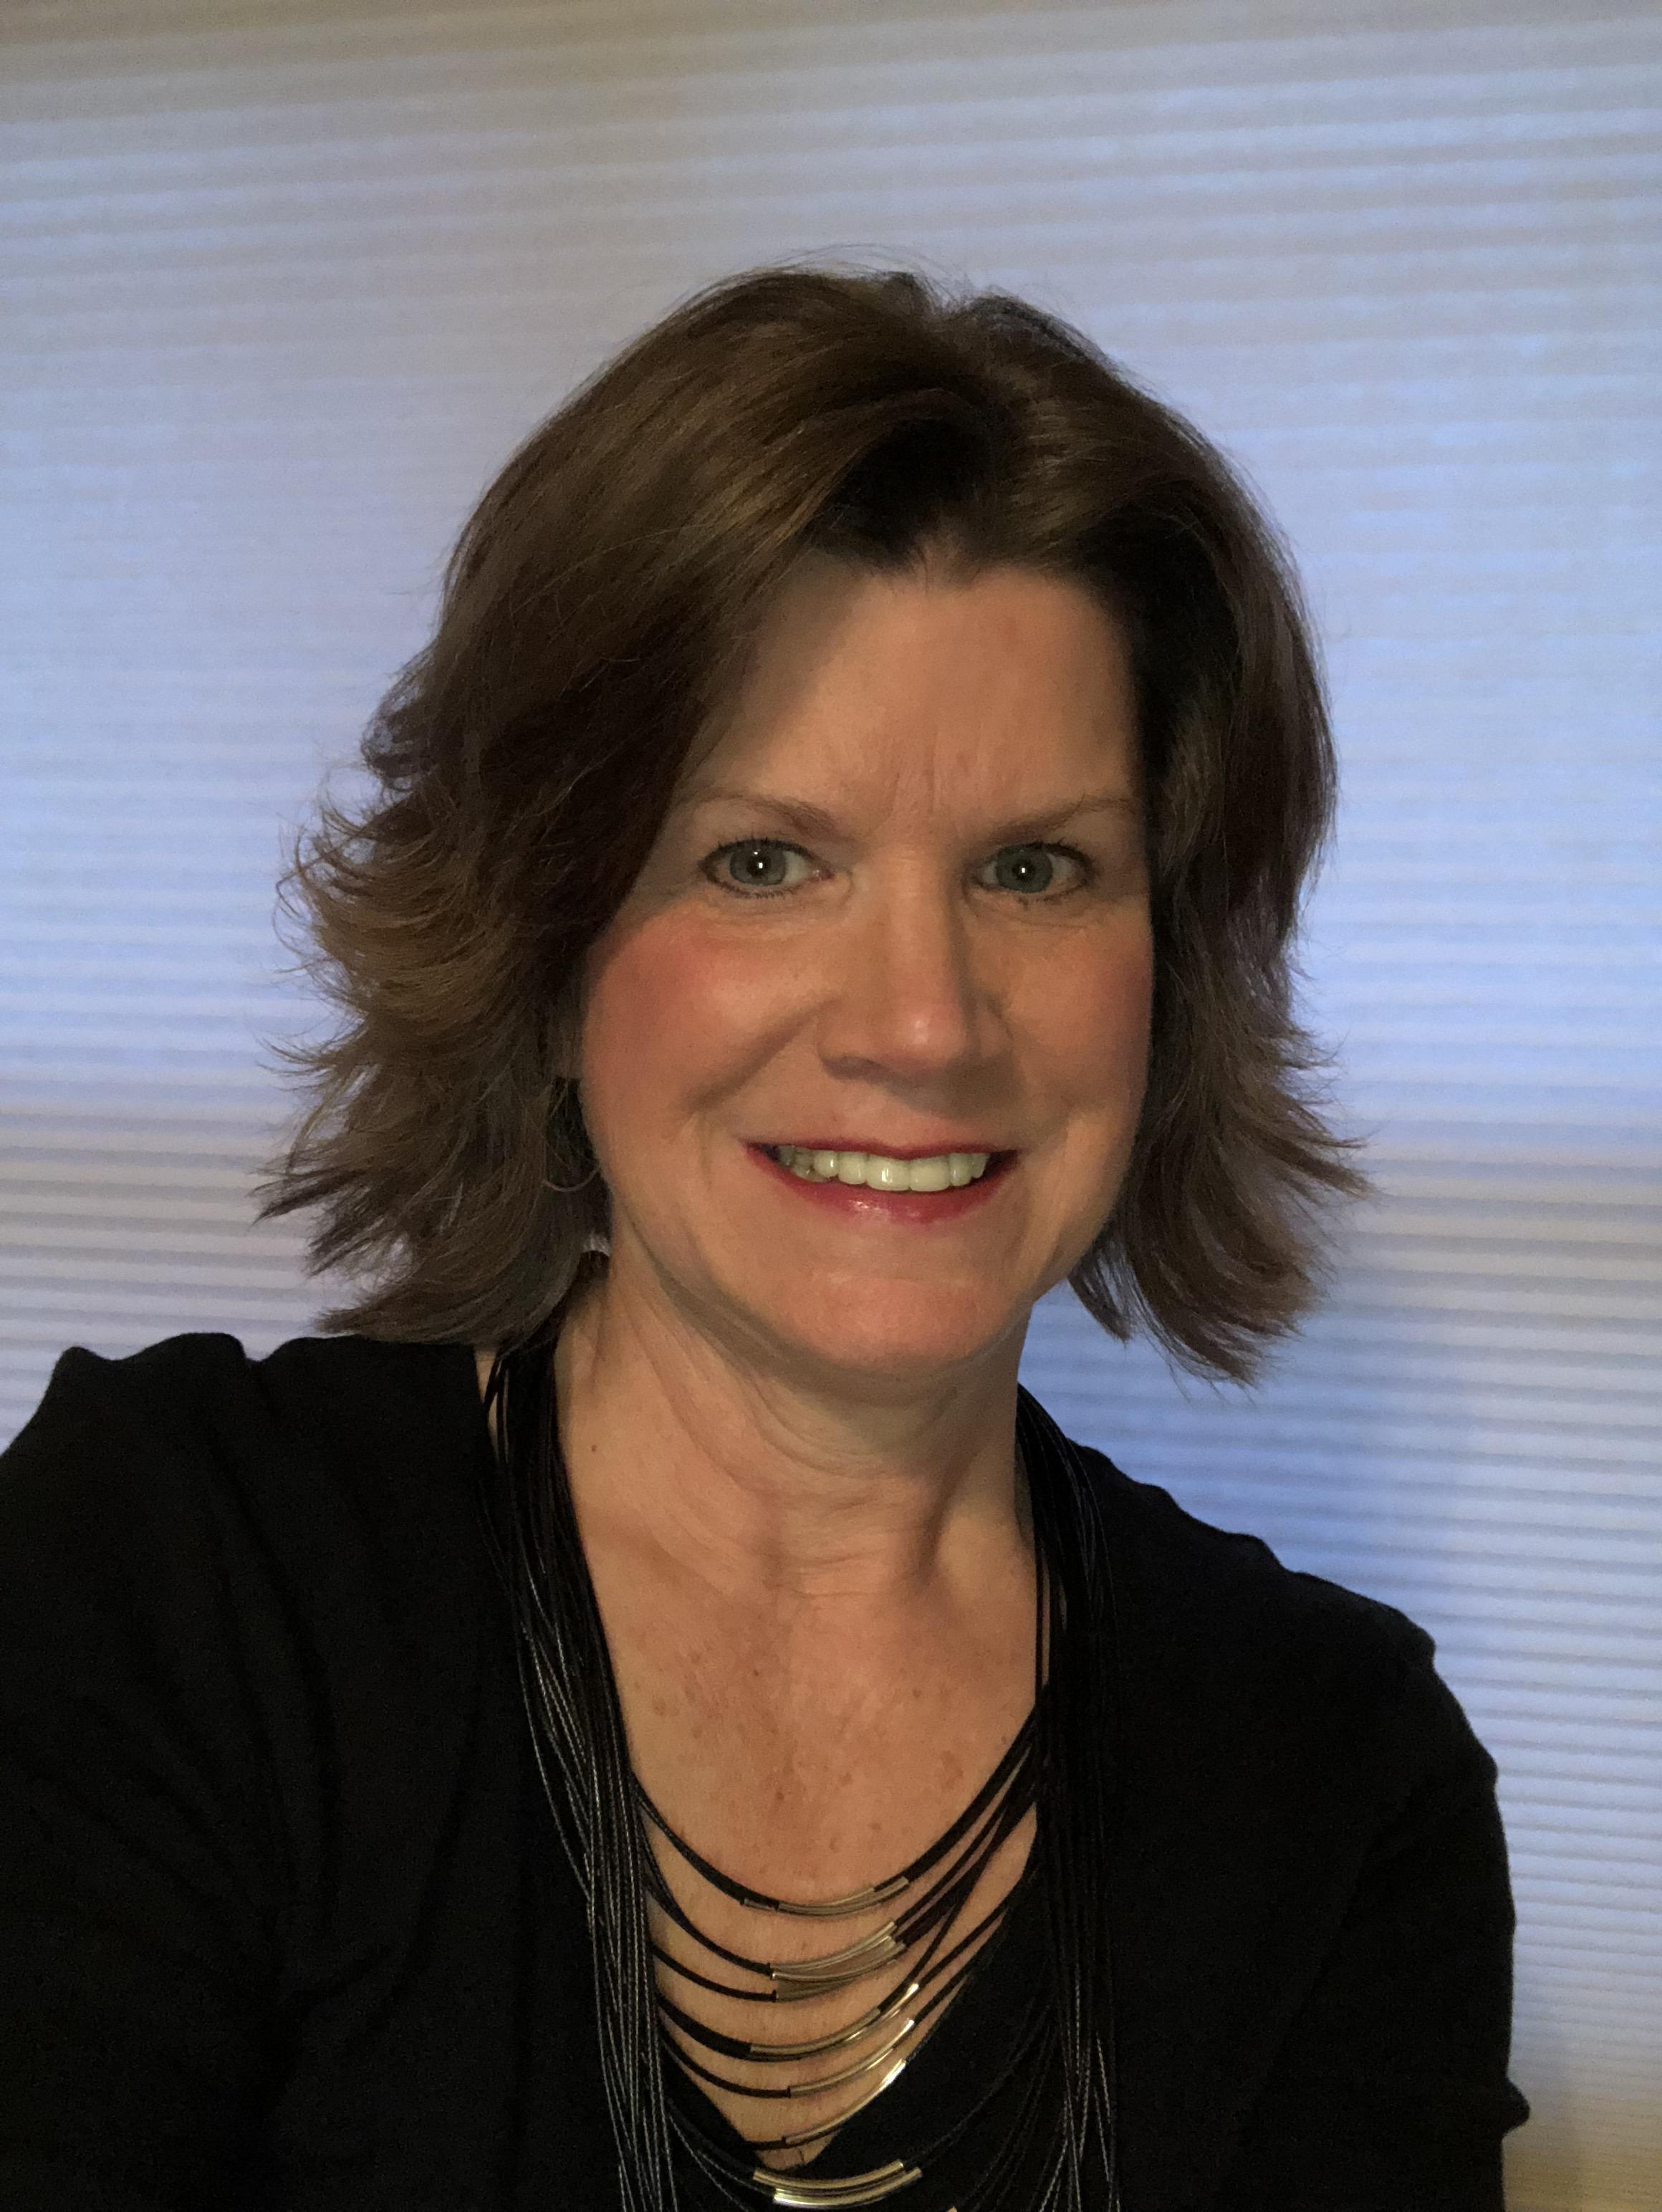 Karen Gitter